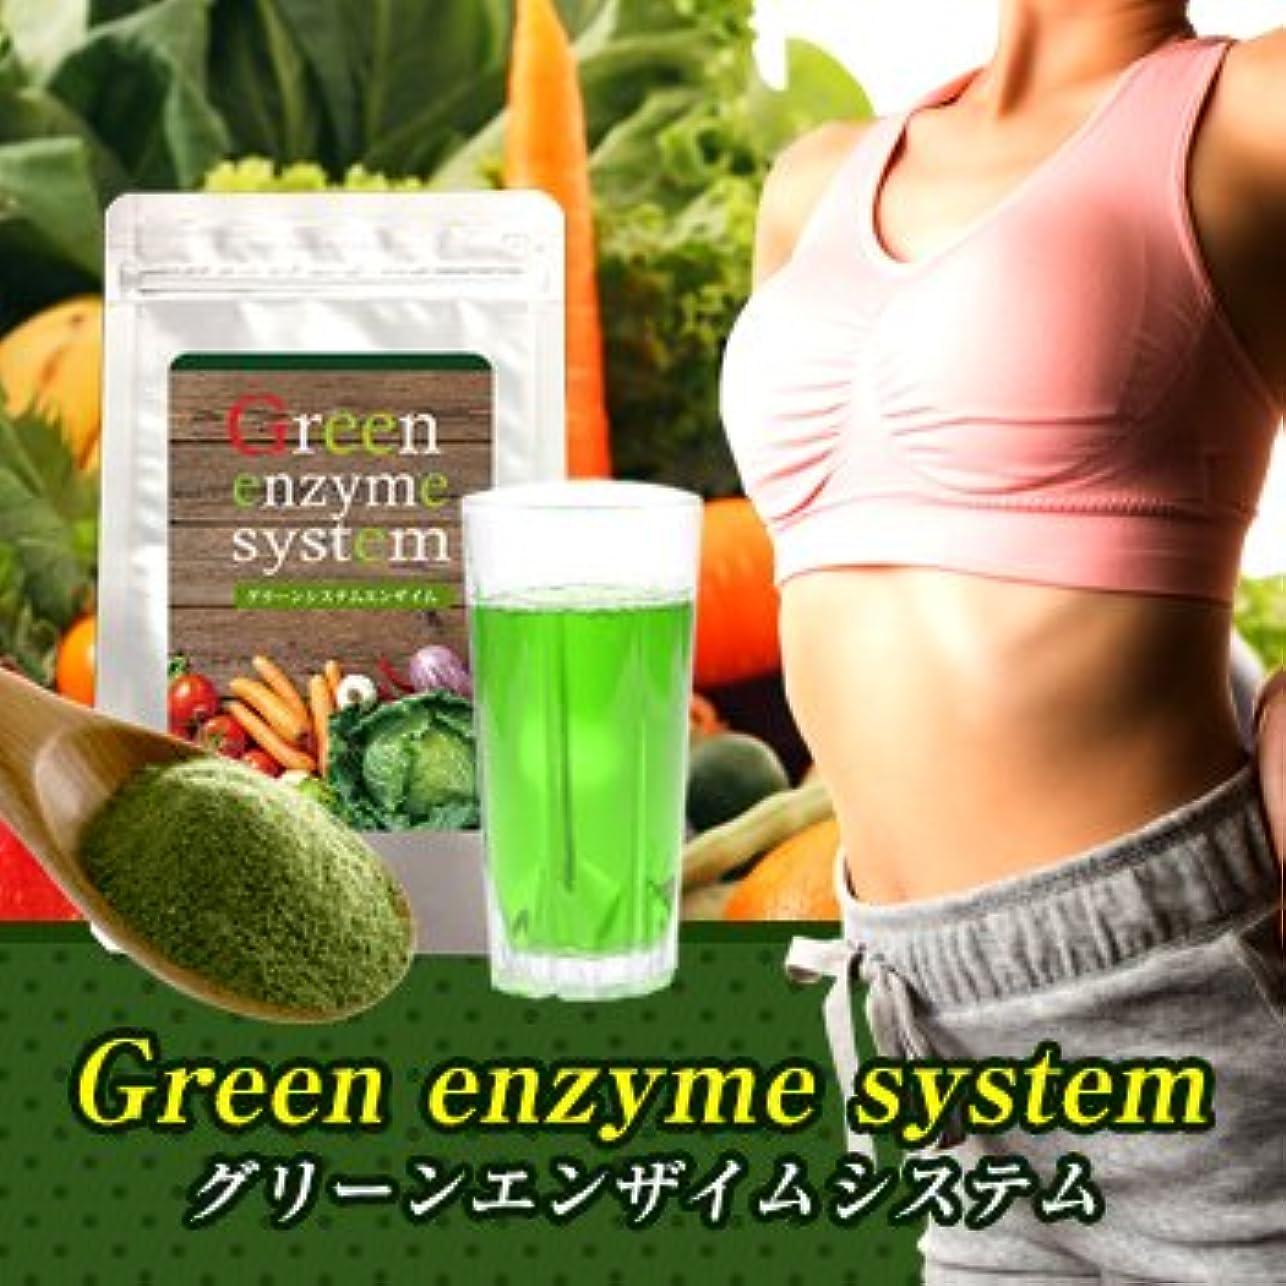 クレア複合窒素Green enzyme system(グリーンエンザイムシステム)